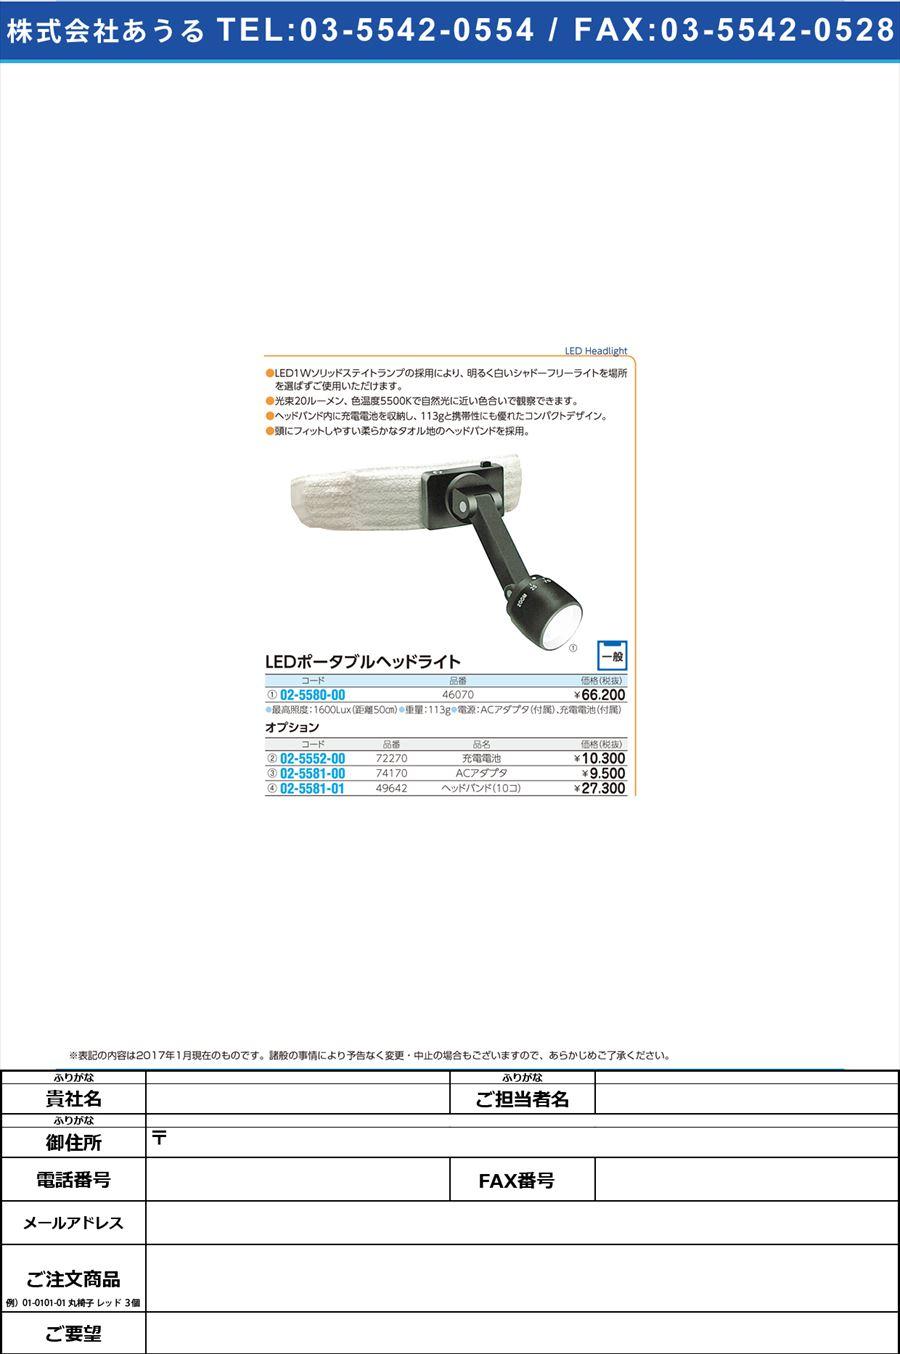 ヘッドライト用充電電池 ヘッドライトヨウジュウデンデンチ 72270(02-5552-00)【1個単位】【2017年カタログ商品】